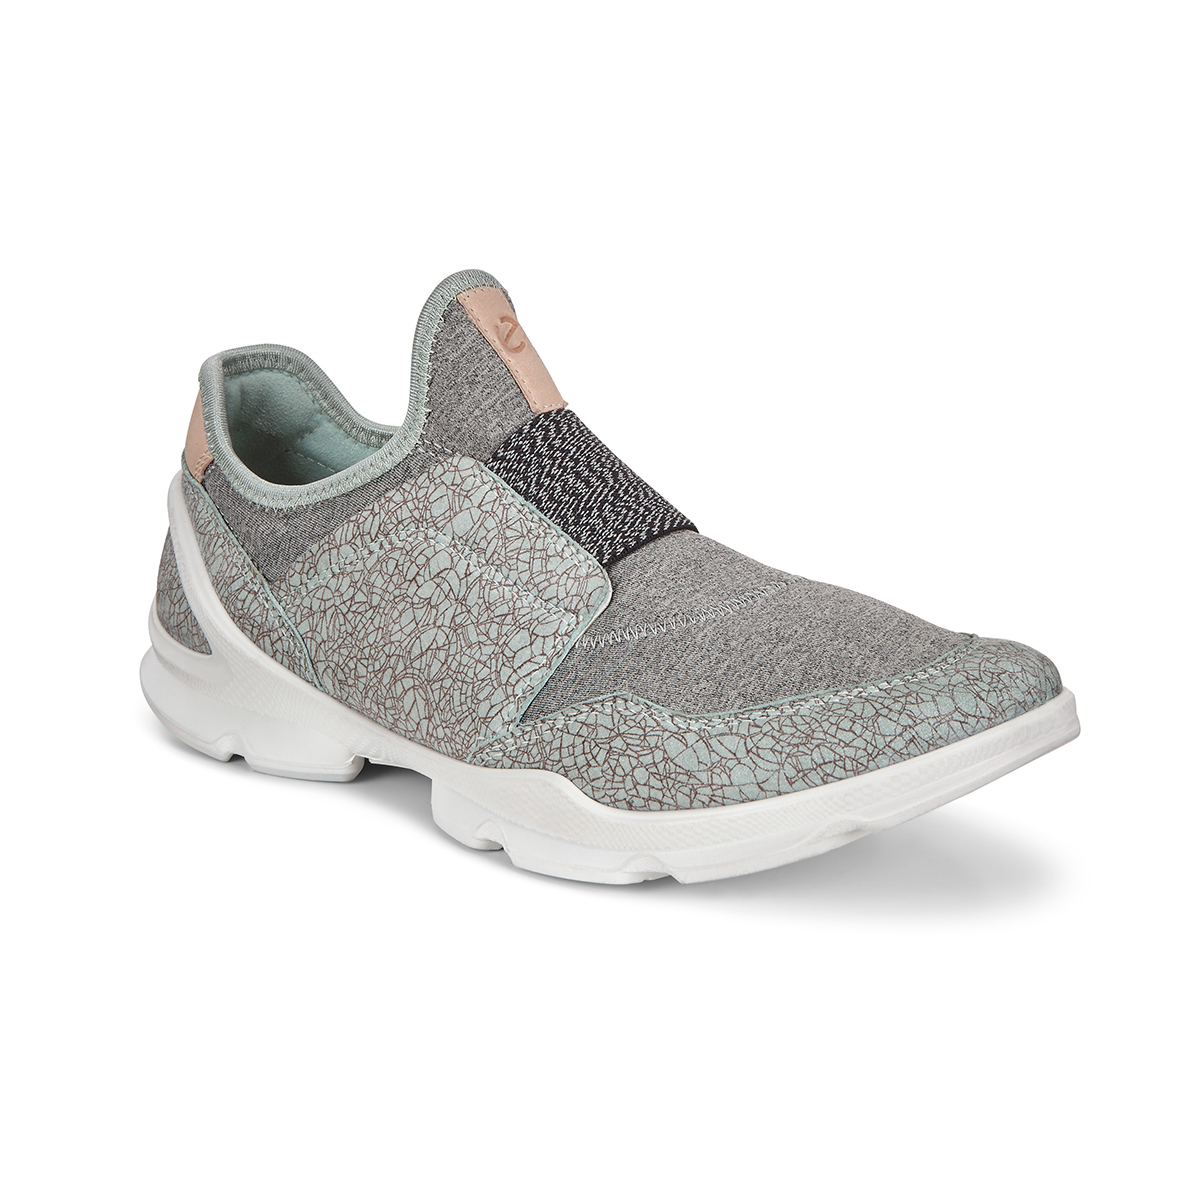 31302c41b26b33 ECCO BIOM STREET - 121 Shoes